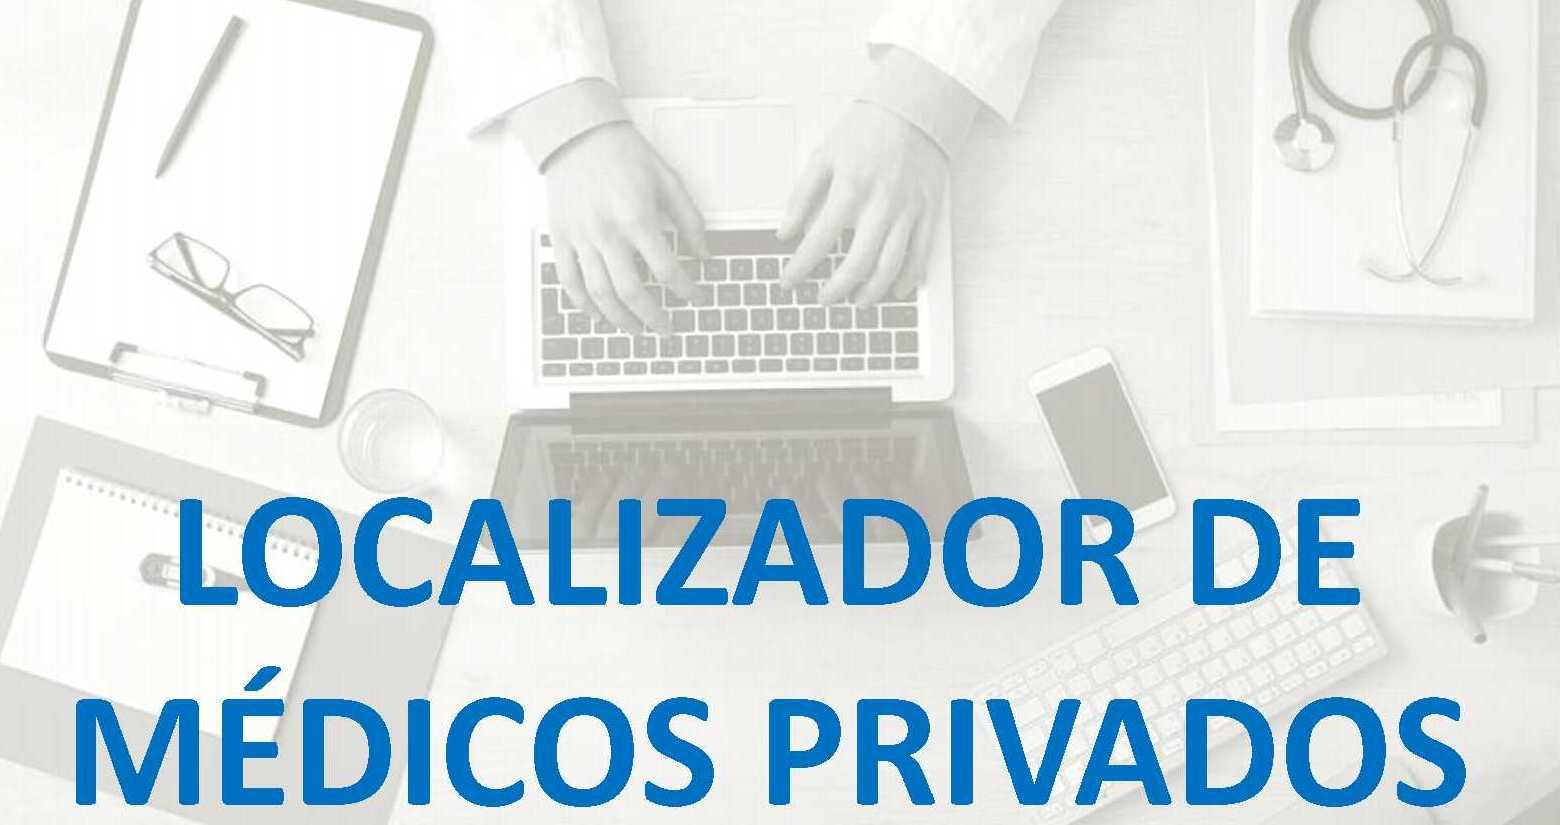 Localizador de médicos privados